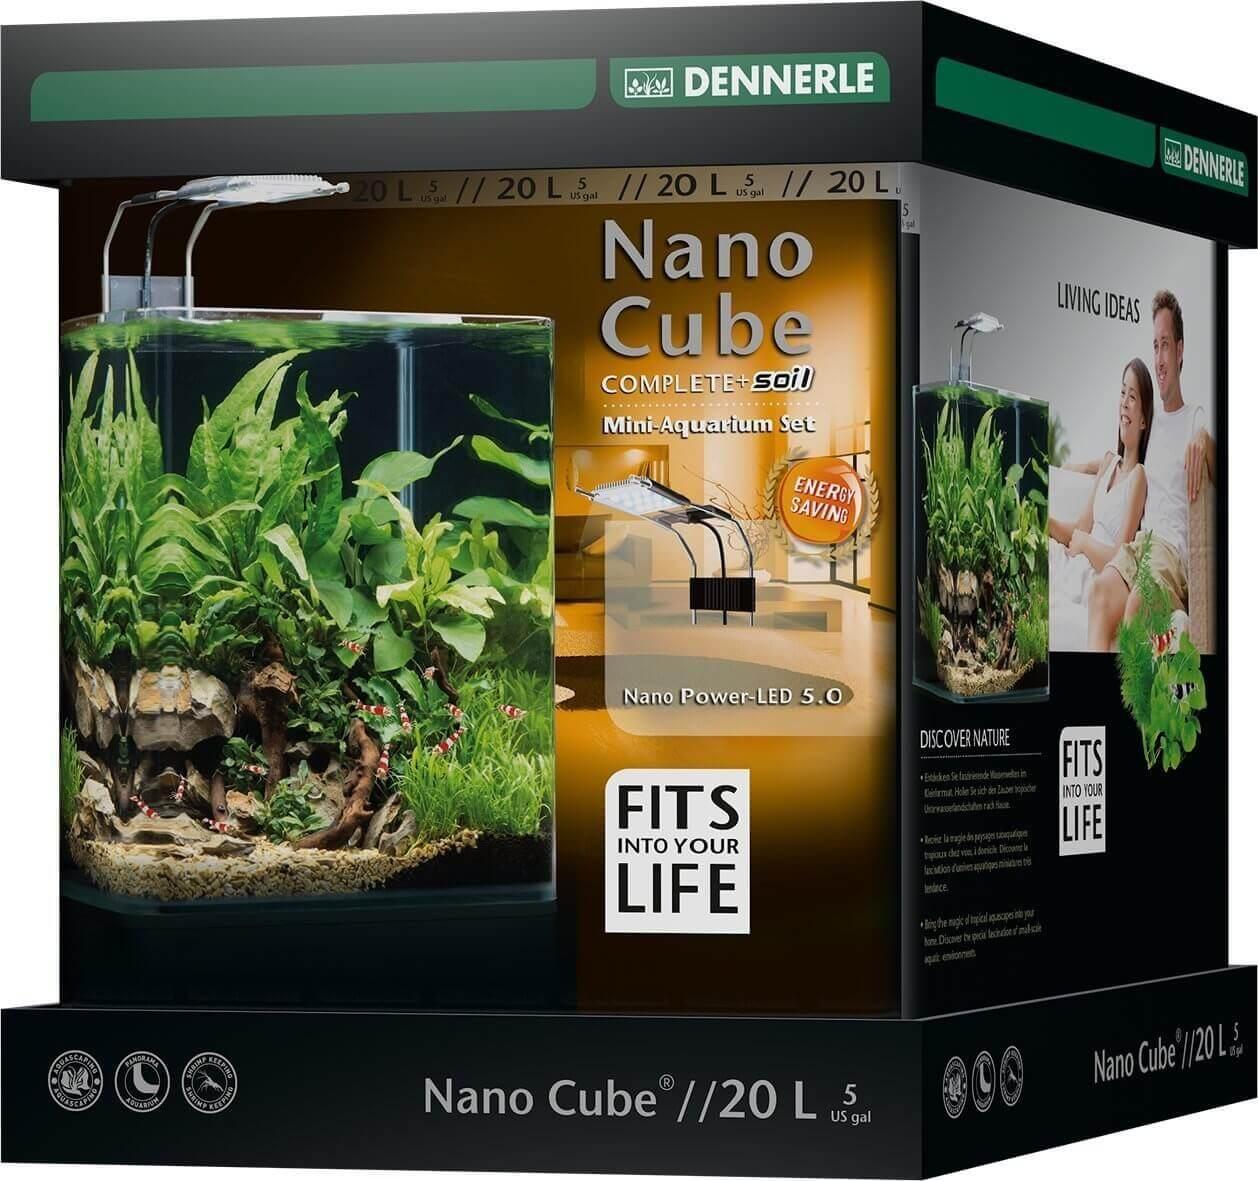 DENNERLE Nano Cube Complete+ 20 L nano-aquarium 25 x 25 x 30 cm avec substrat, gravier, filtration et éclairage Style LED M